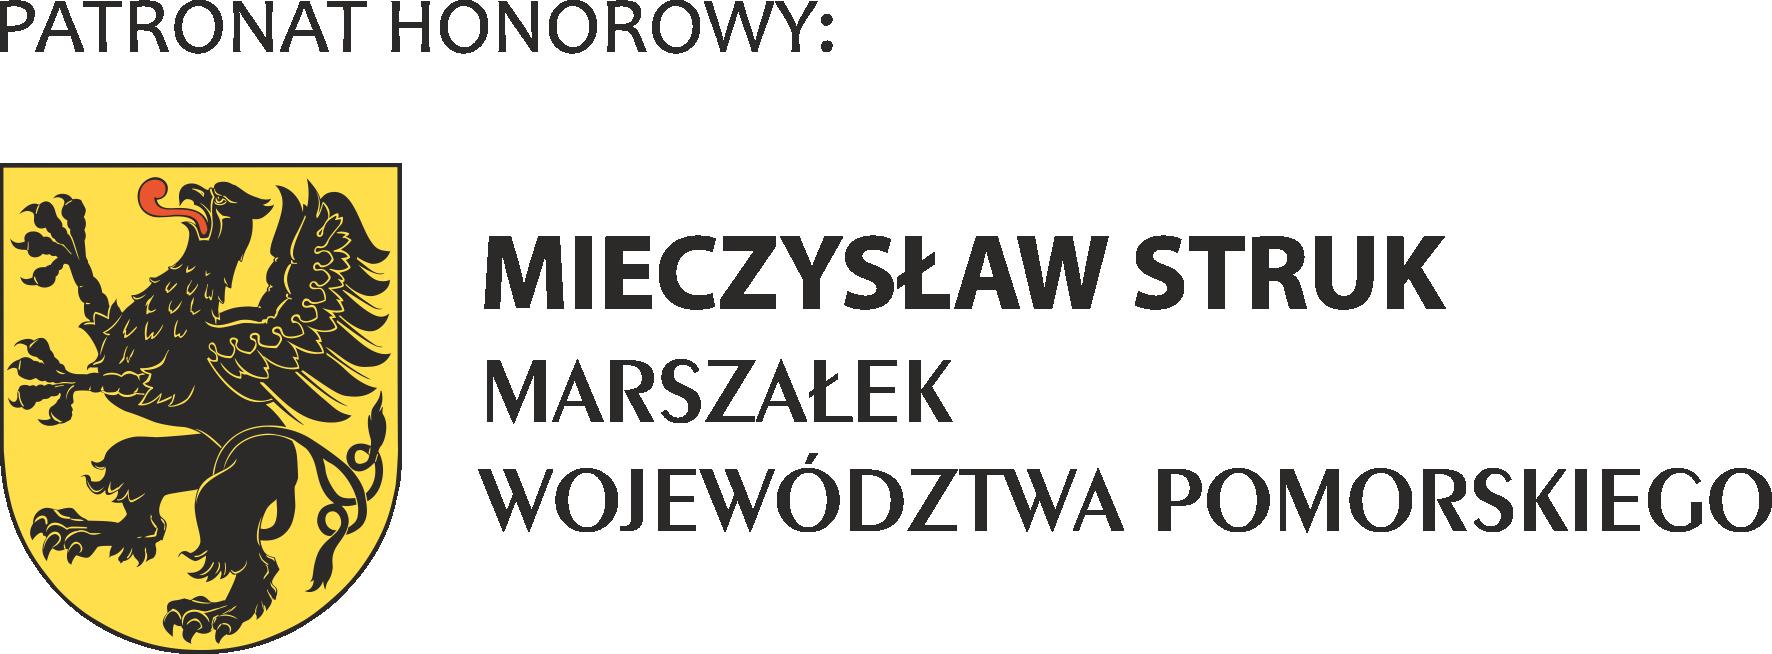 Logo Marszałka Województwa Pomorskiego